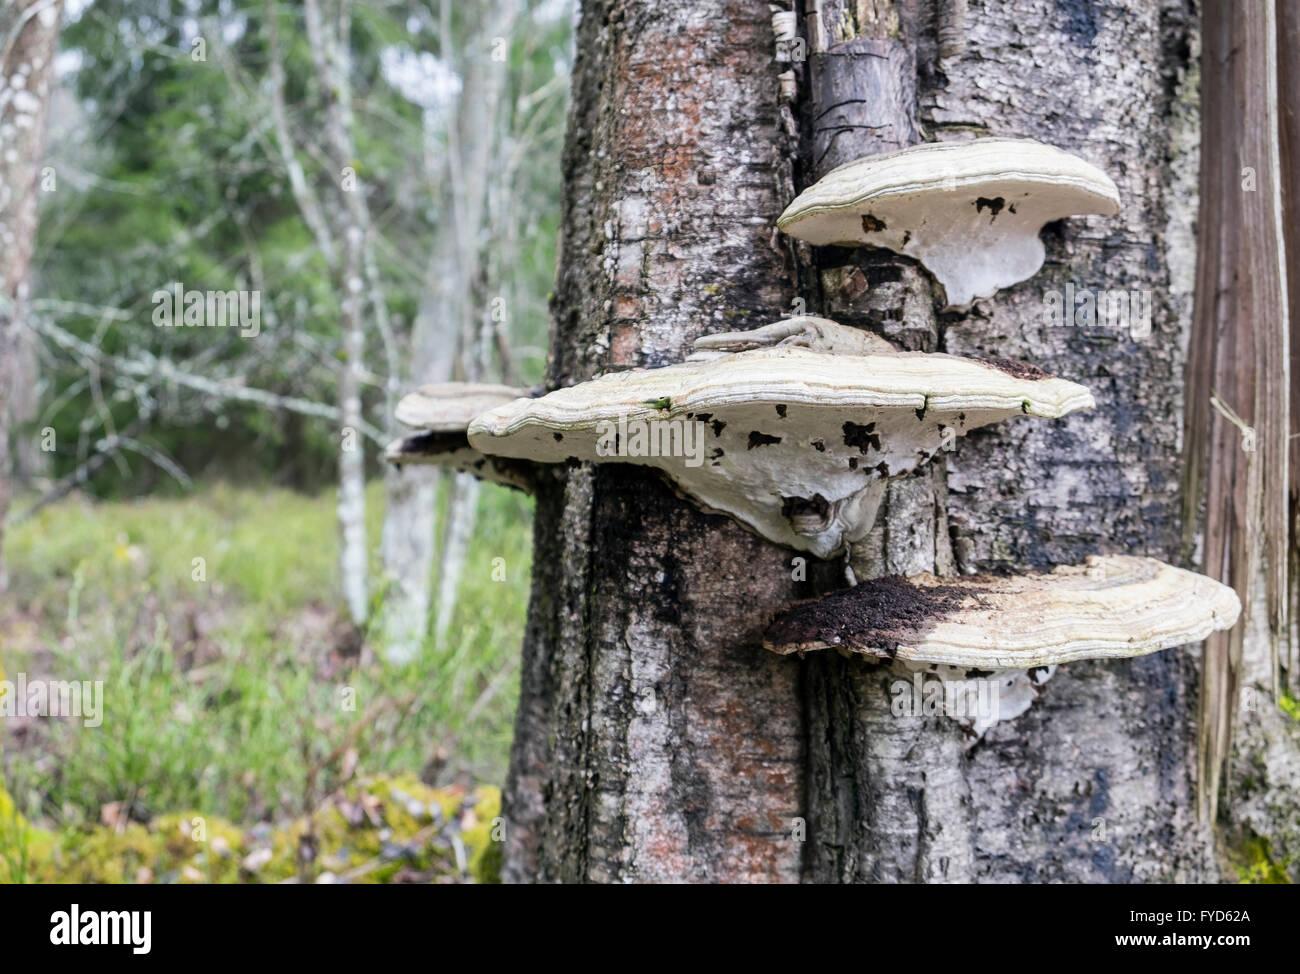 Tinder fungus (Fomes fomentarius) - Stock Image